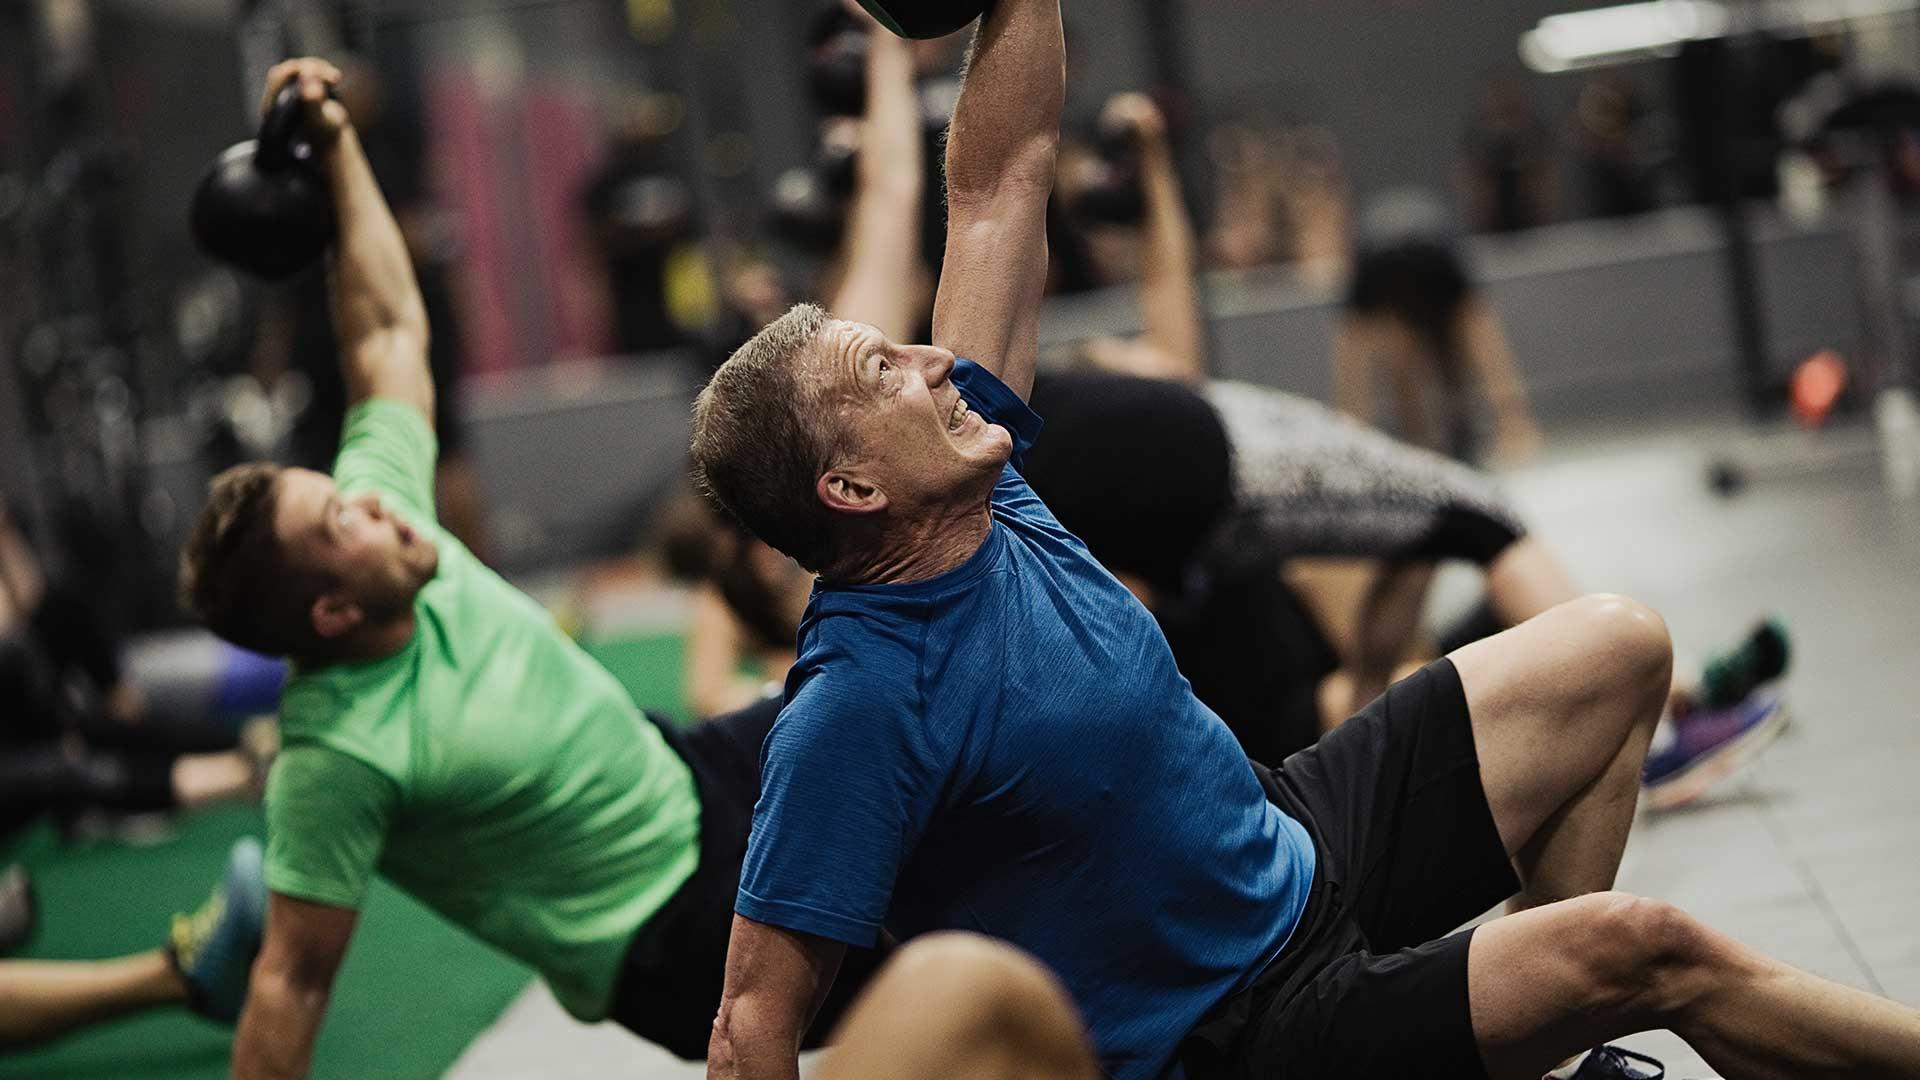 Le CrossFit peut-il aider à traiter les addictions ?